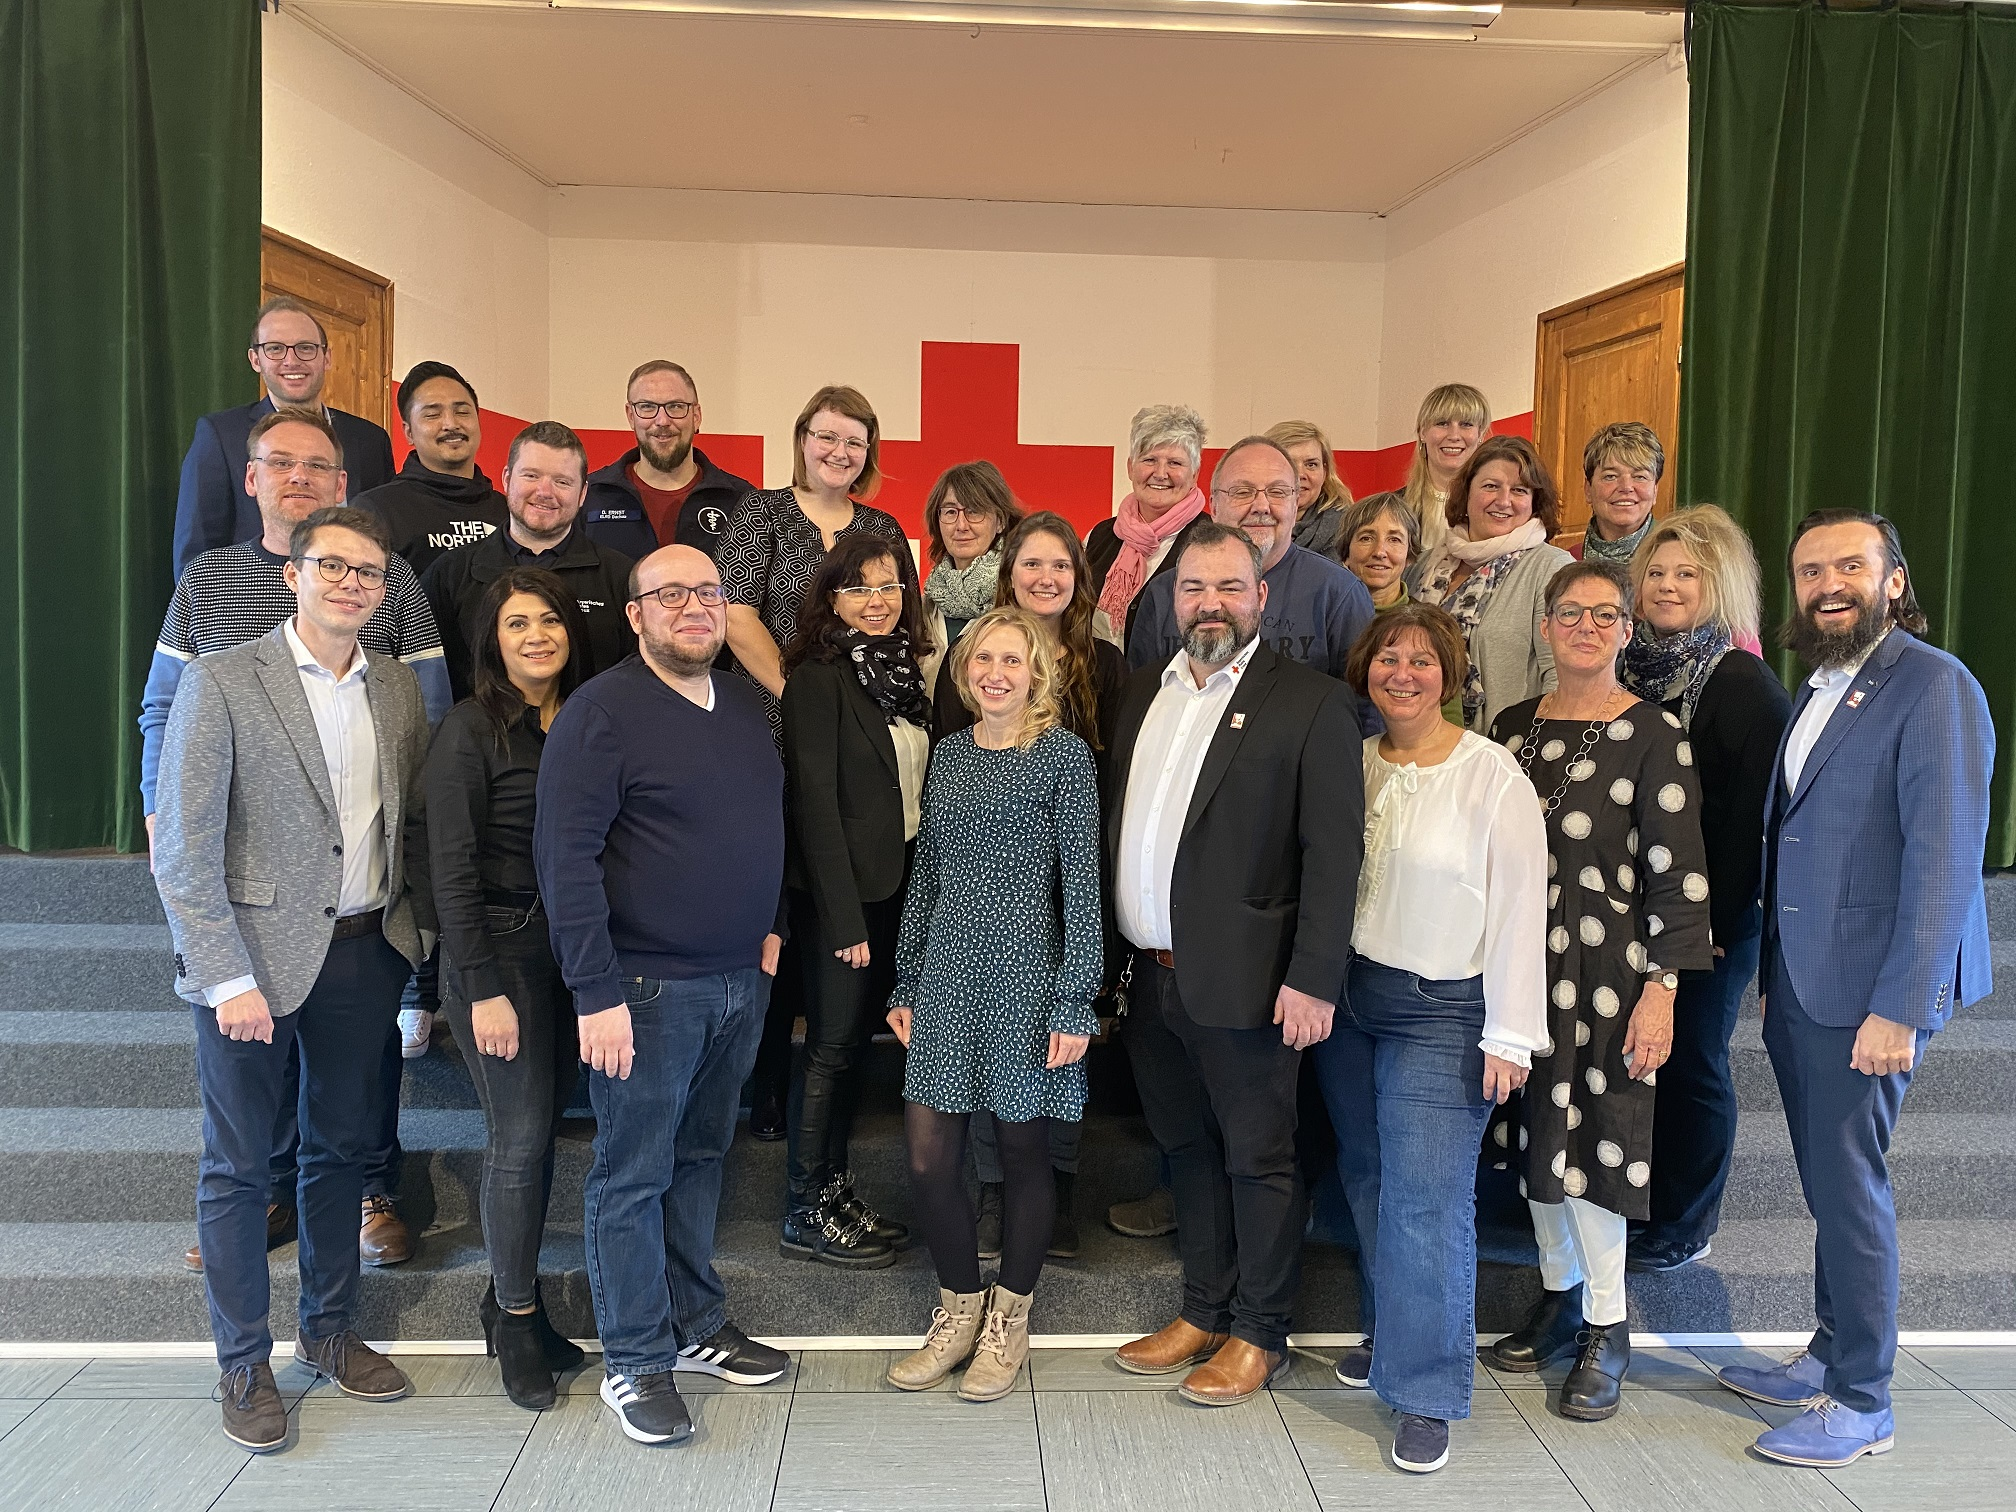 Foto: Paul Polyfka (ganz rechts) beim Jahresausklang mit den Führungskräften im Rotkreuzhaus.